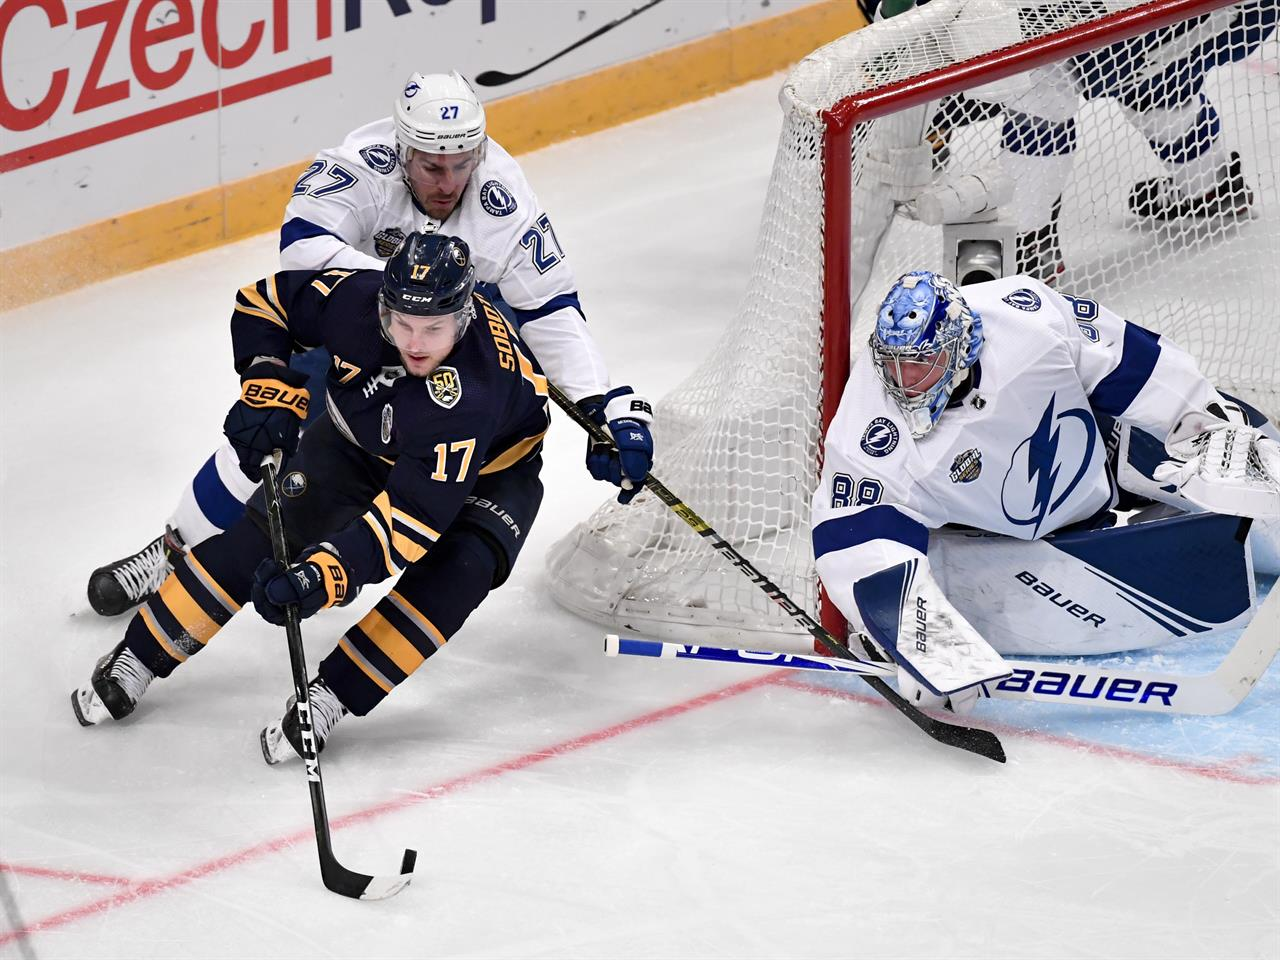 Kucherov scores, Lightning top Sabres 3-2 in Sweden